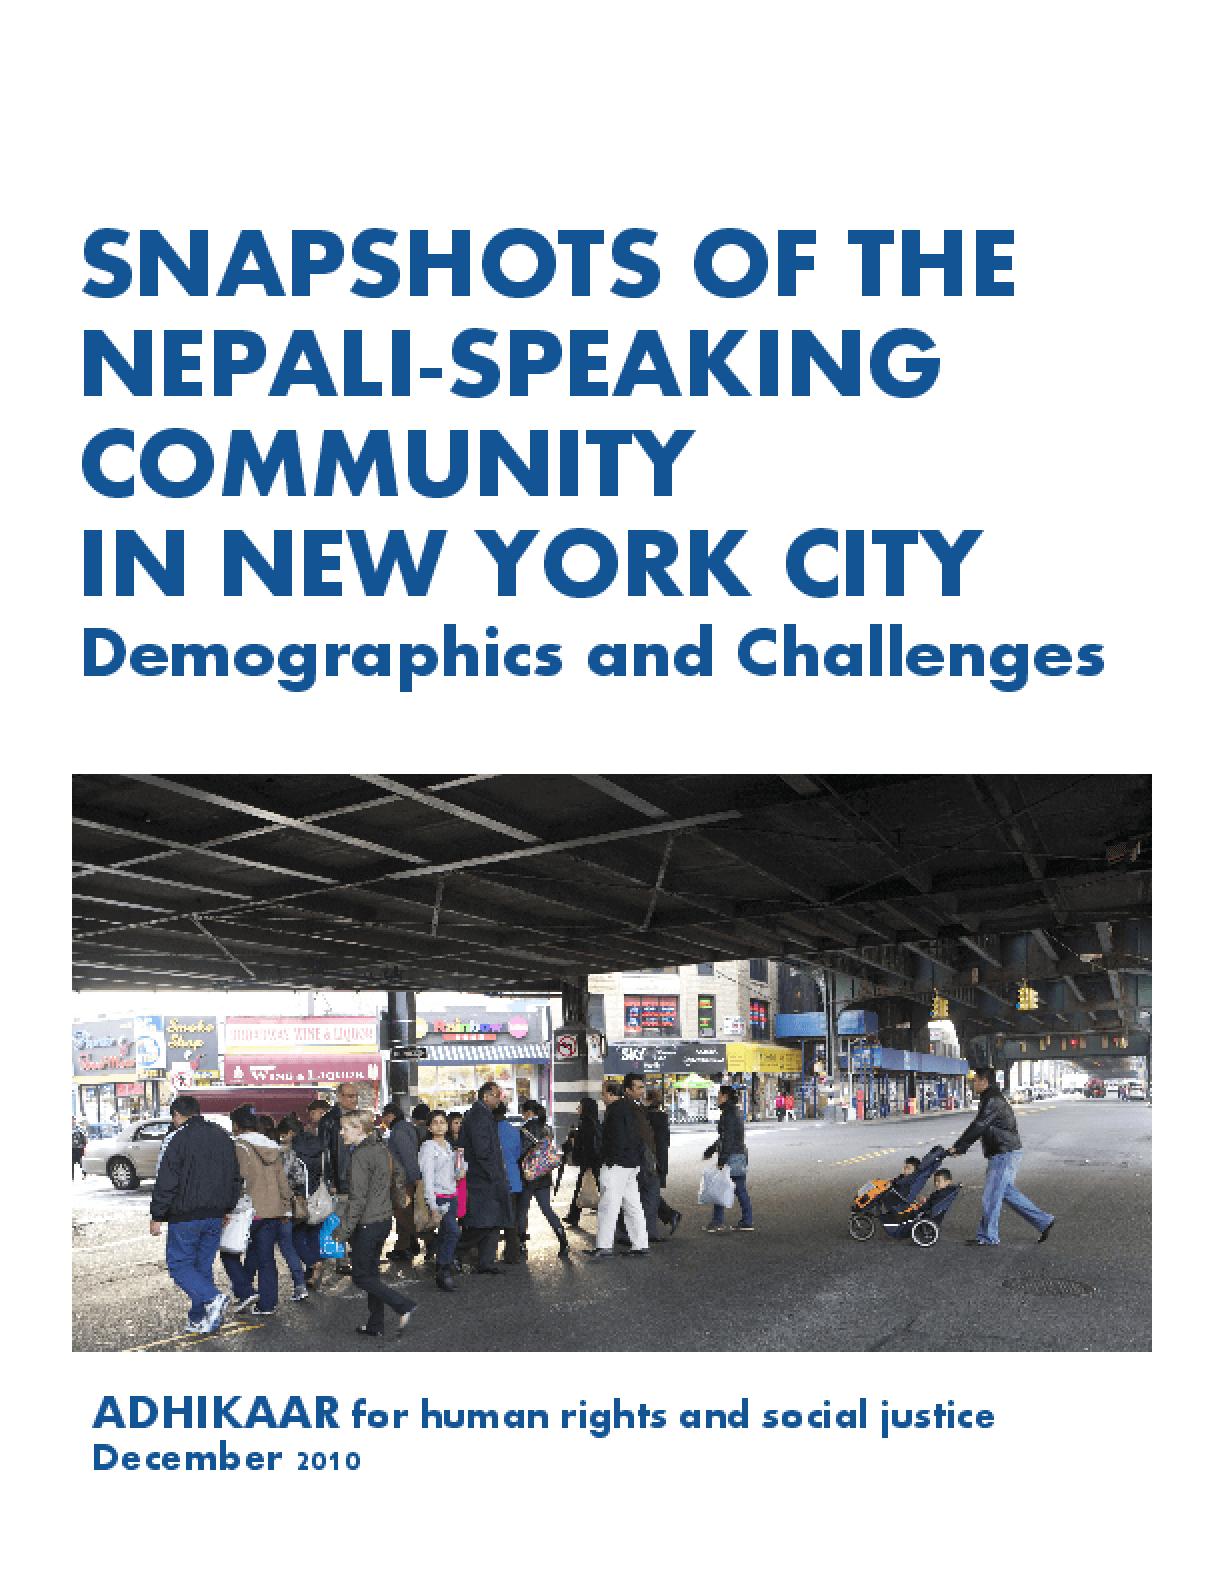 Snapshots of the Nepali-Speaking Community in New York City